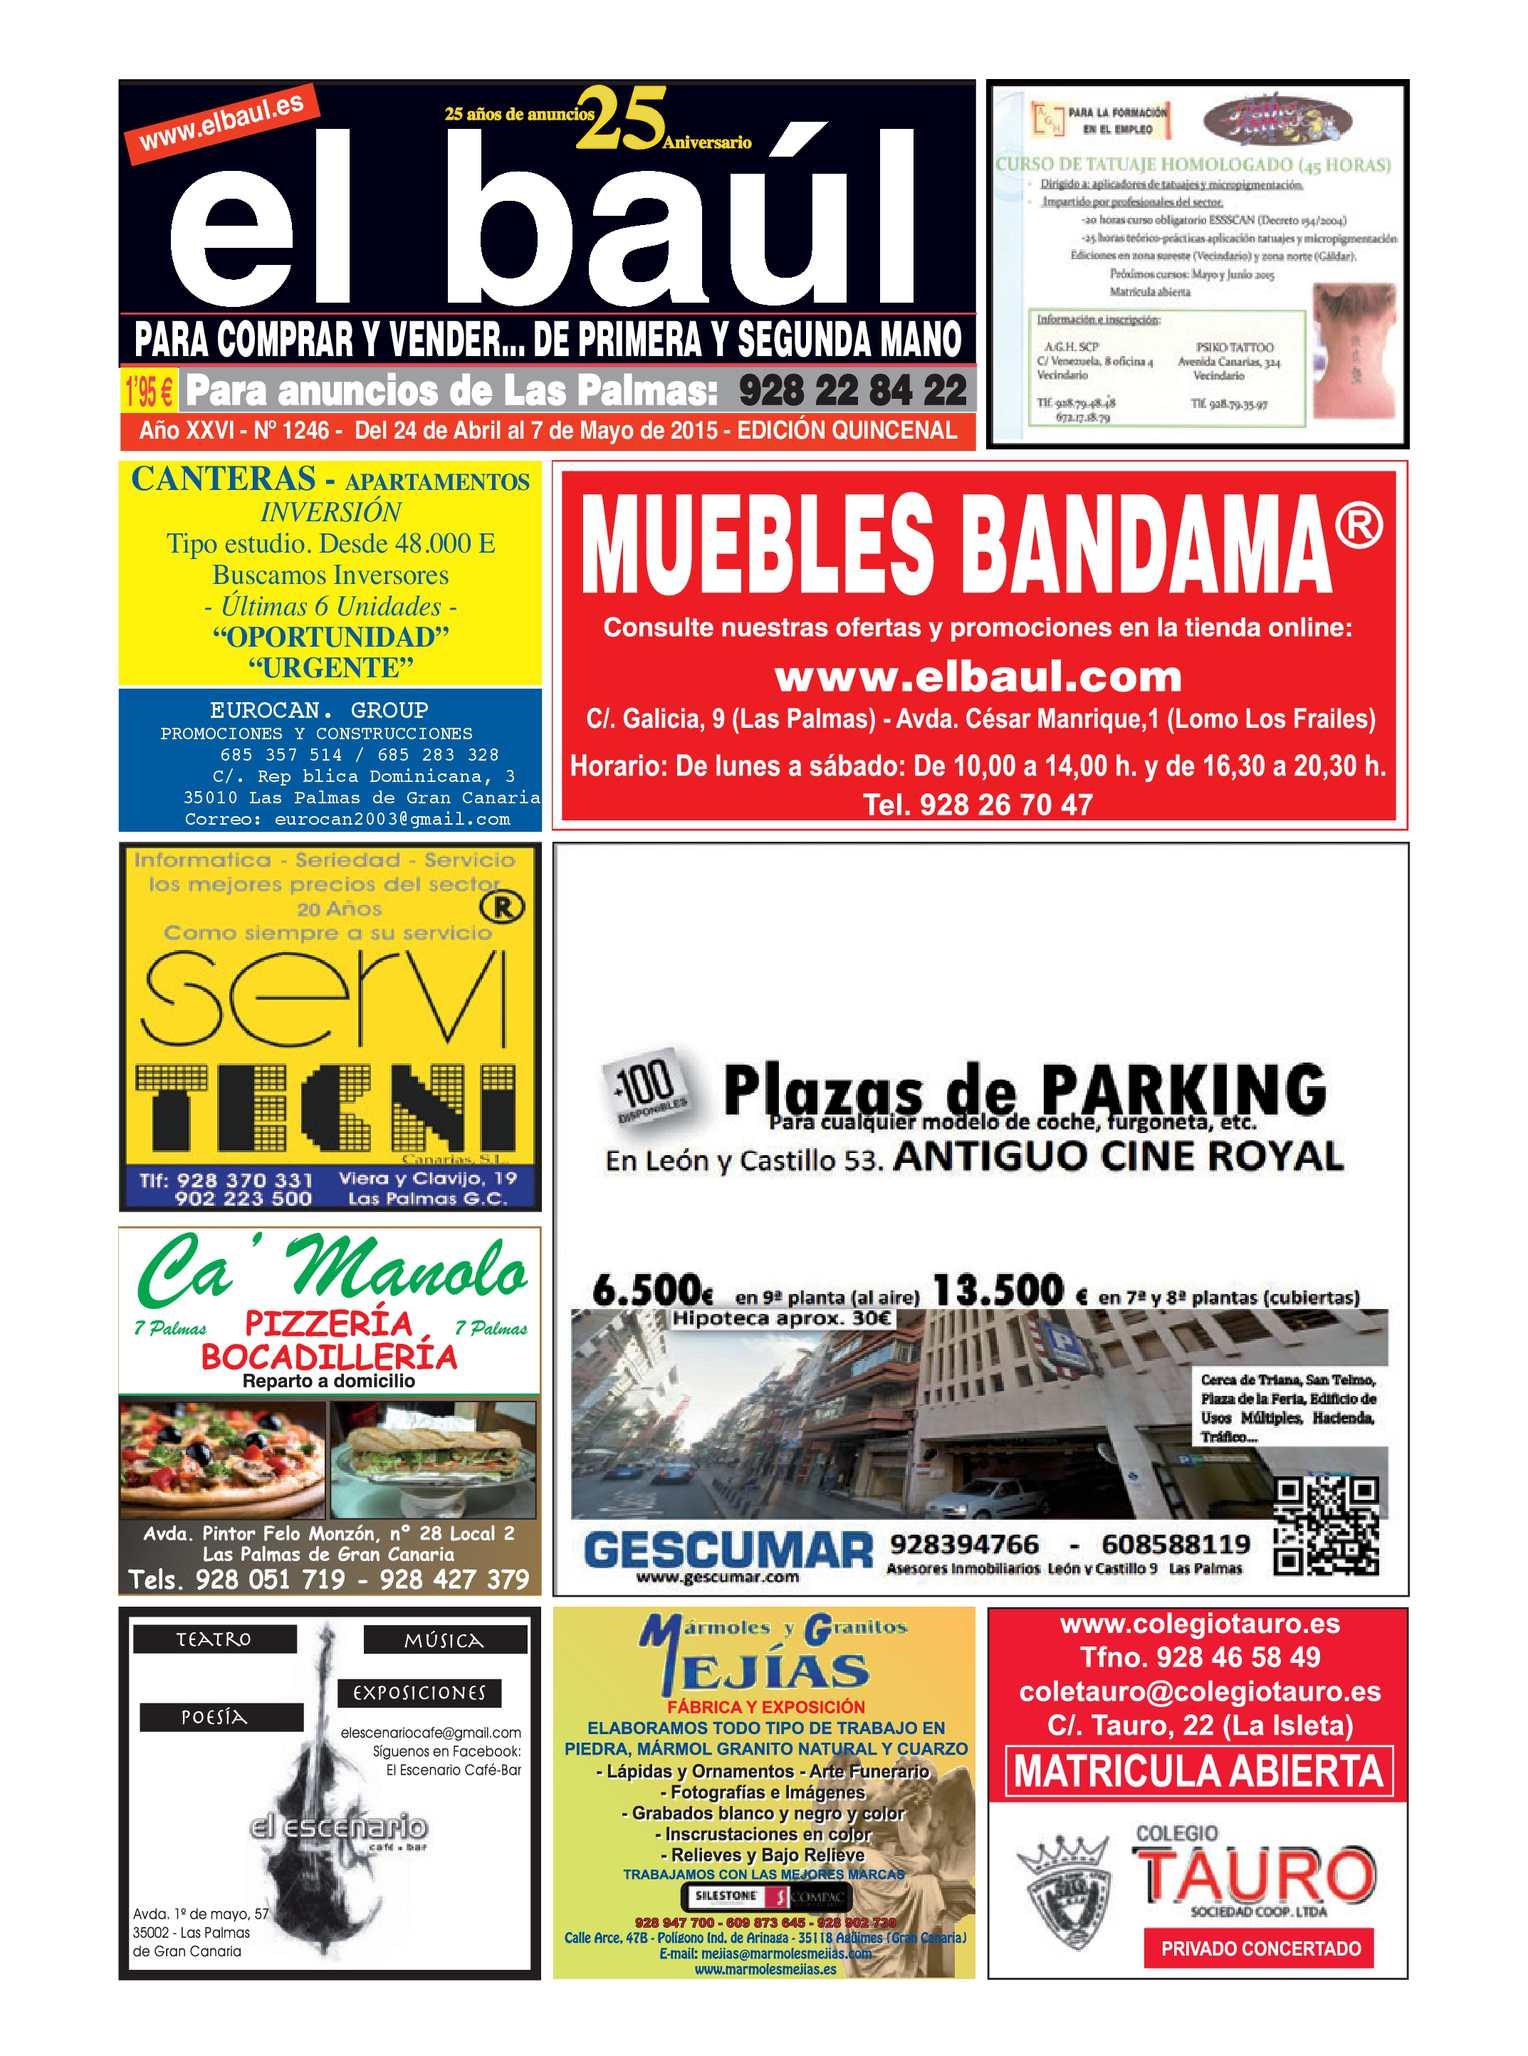 Calaméo - Periódico El Baúl - Las Palmas - Edición 1246